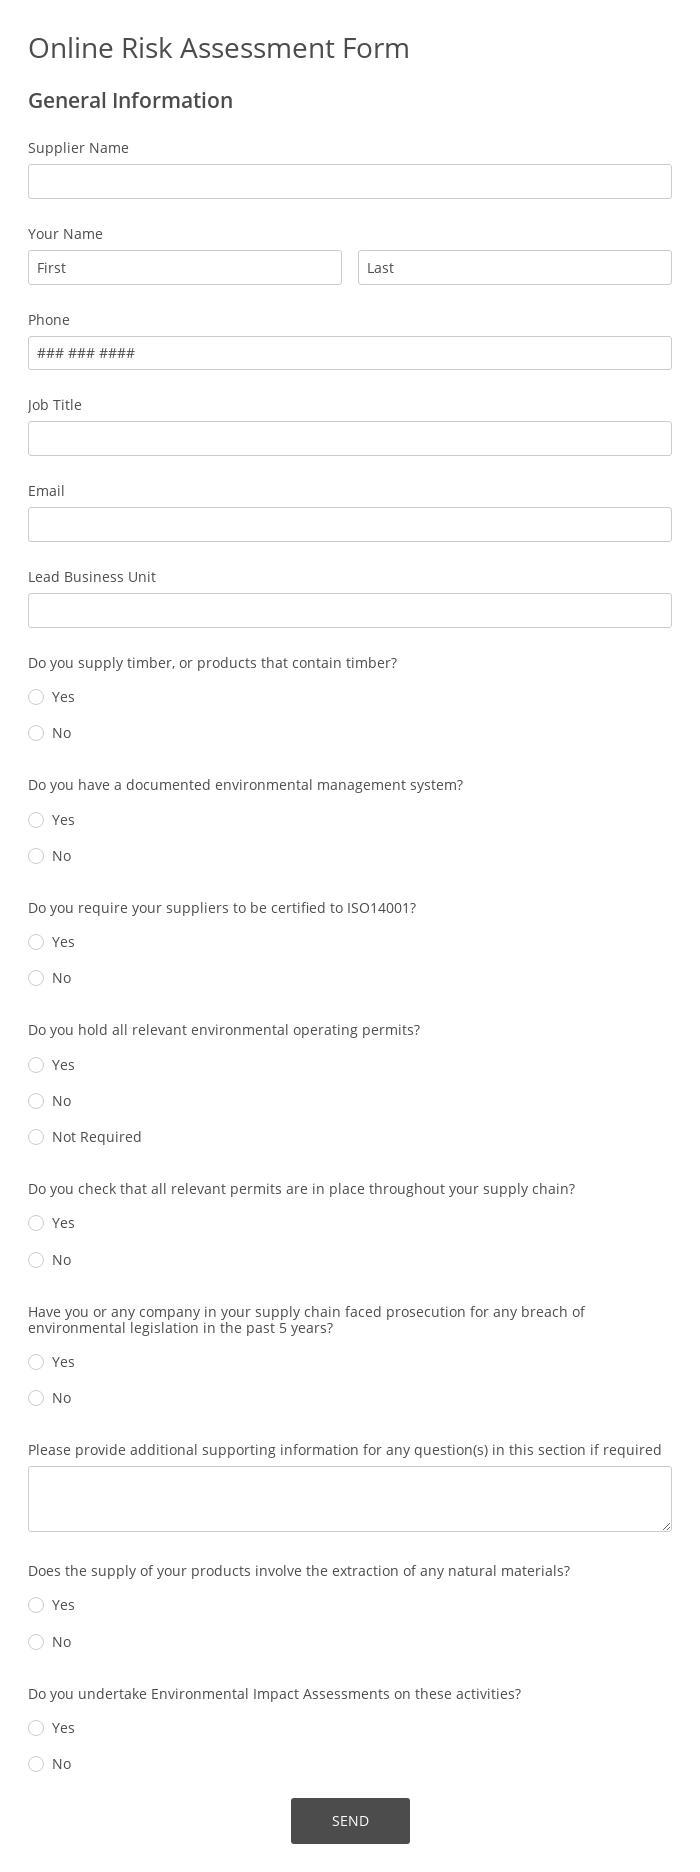 Online Risk Assessment Form